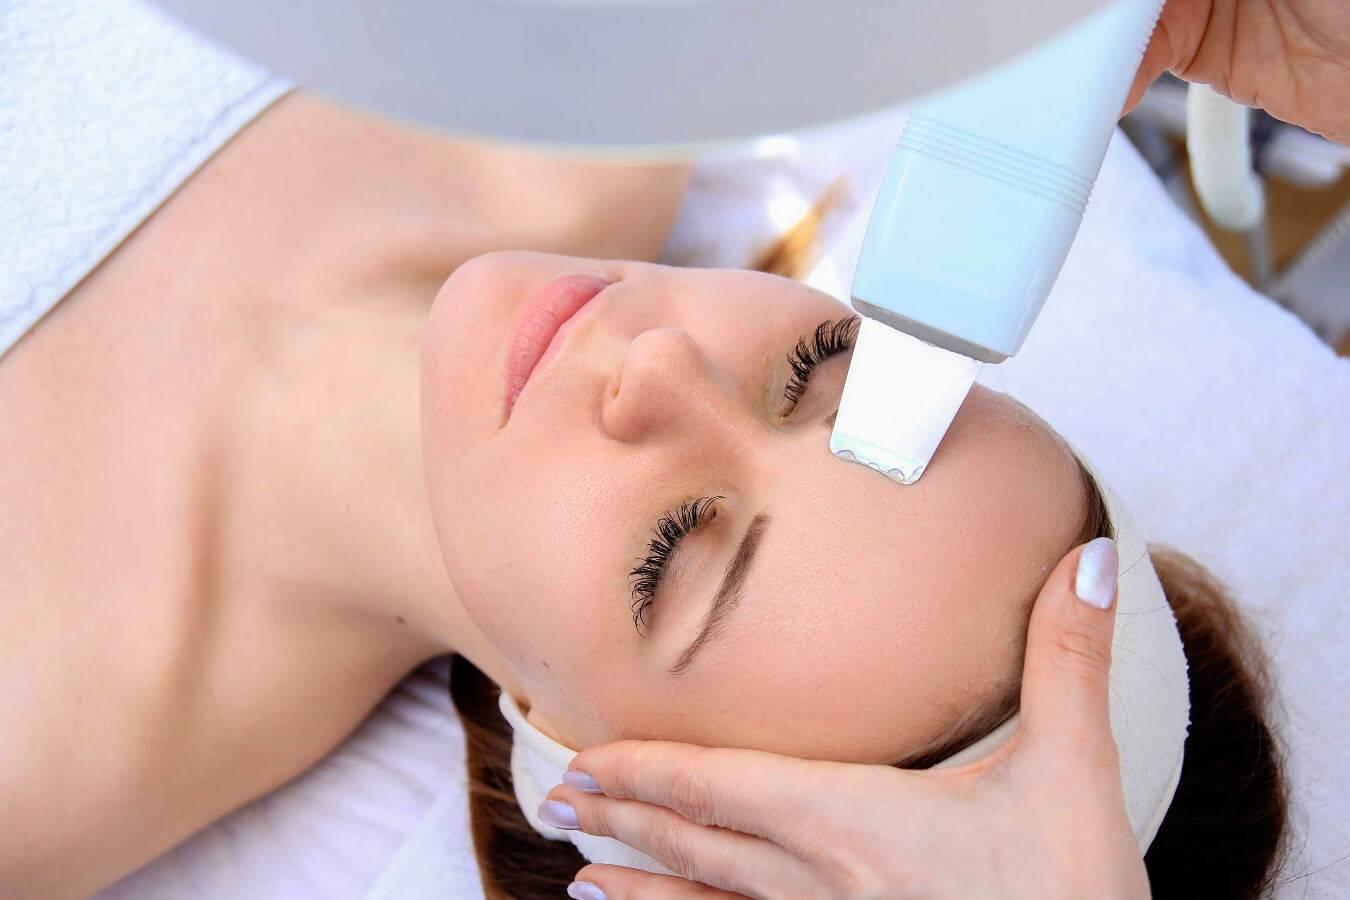 Механическая или ультразвуковая чистка лица: что лучше и какая эффективней